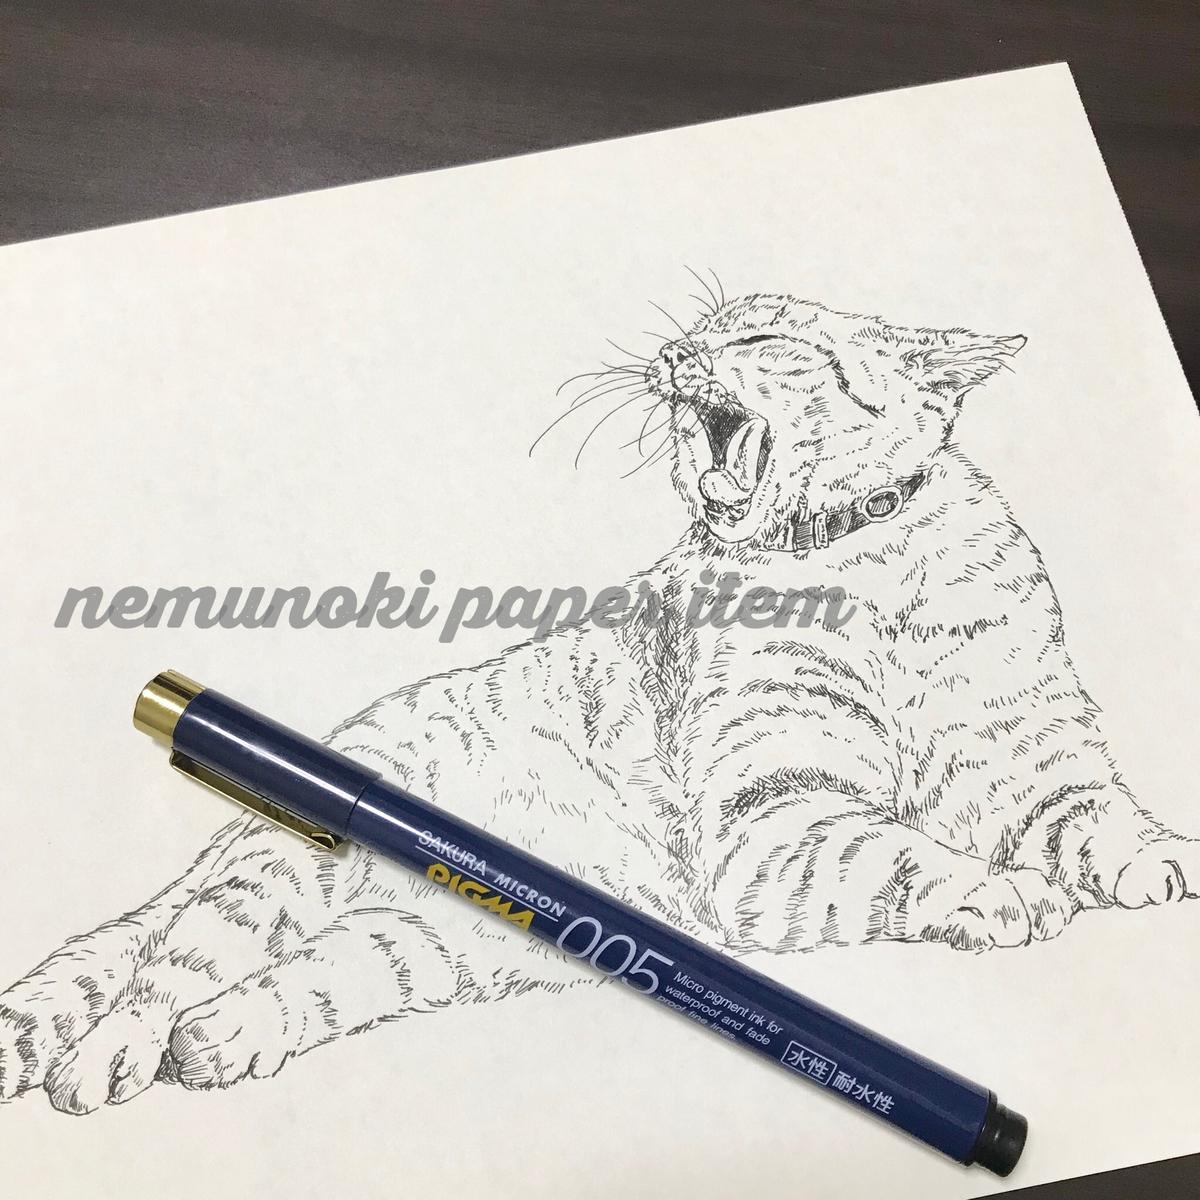 f:id:nemunoki-letter:20190914192437j:plain